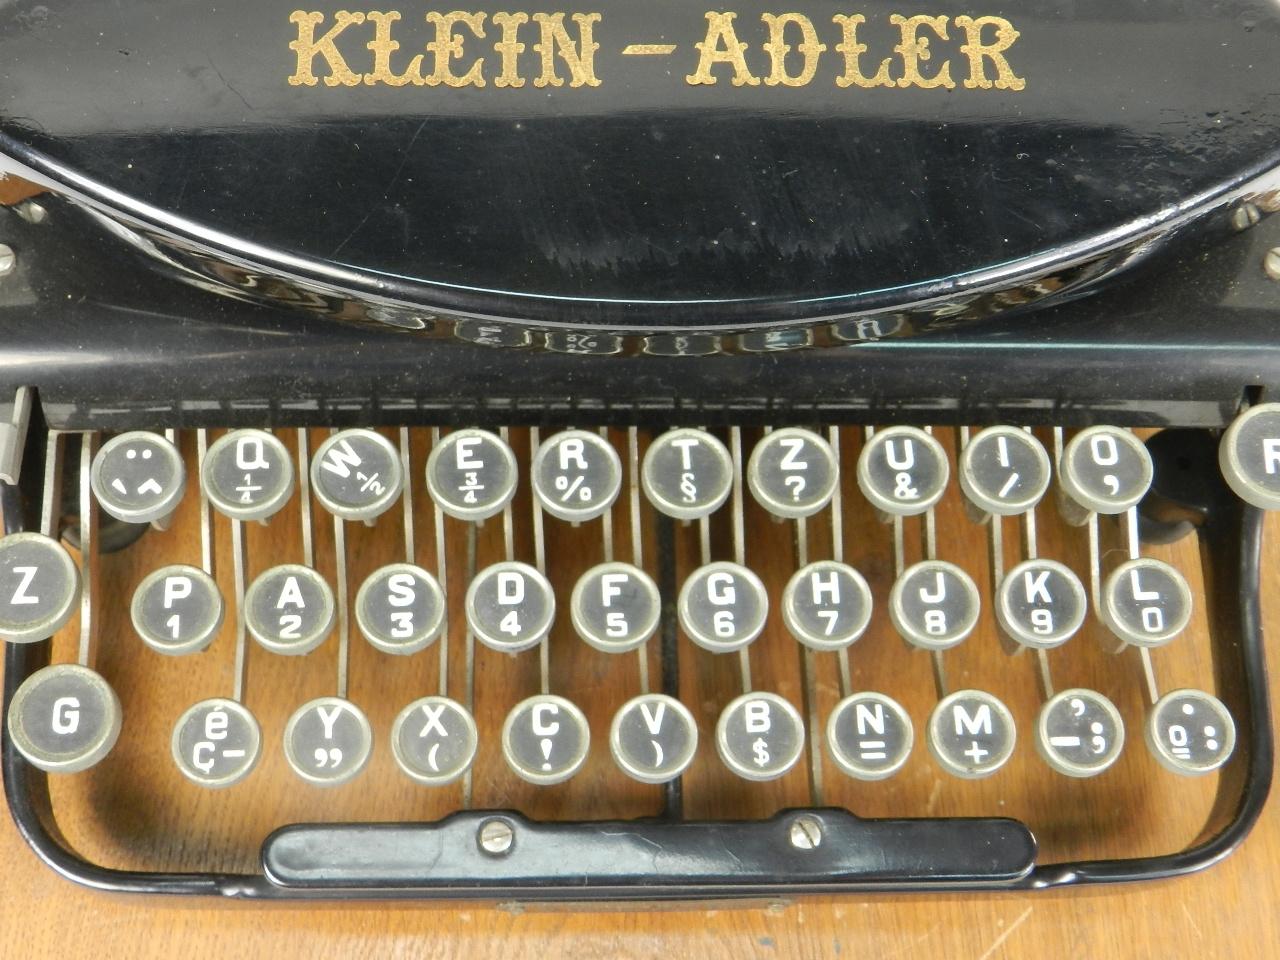 Imagen KLEIN ADLER  AÑO 1913 30258